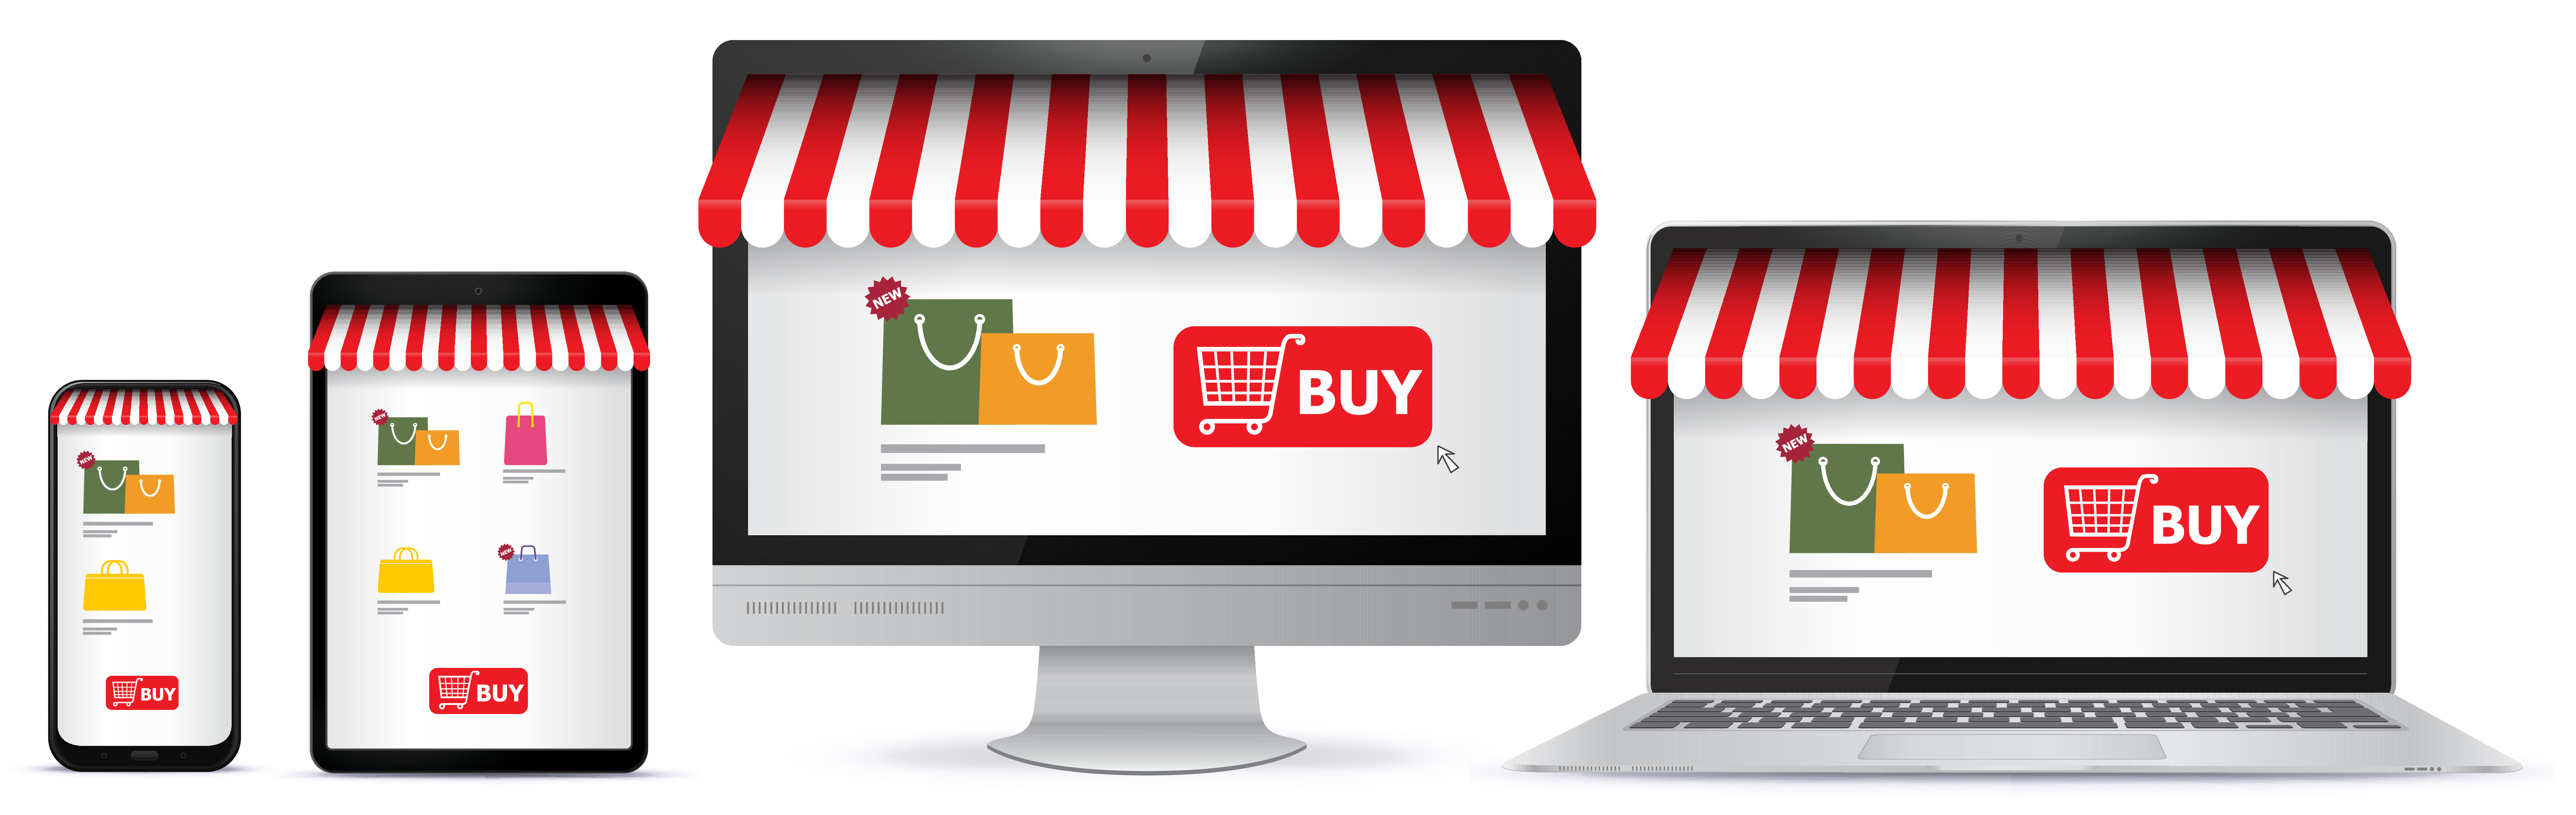 Calgary Web Design Examples - AHT Cloud Calgary Web Design Services